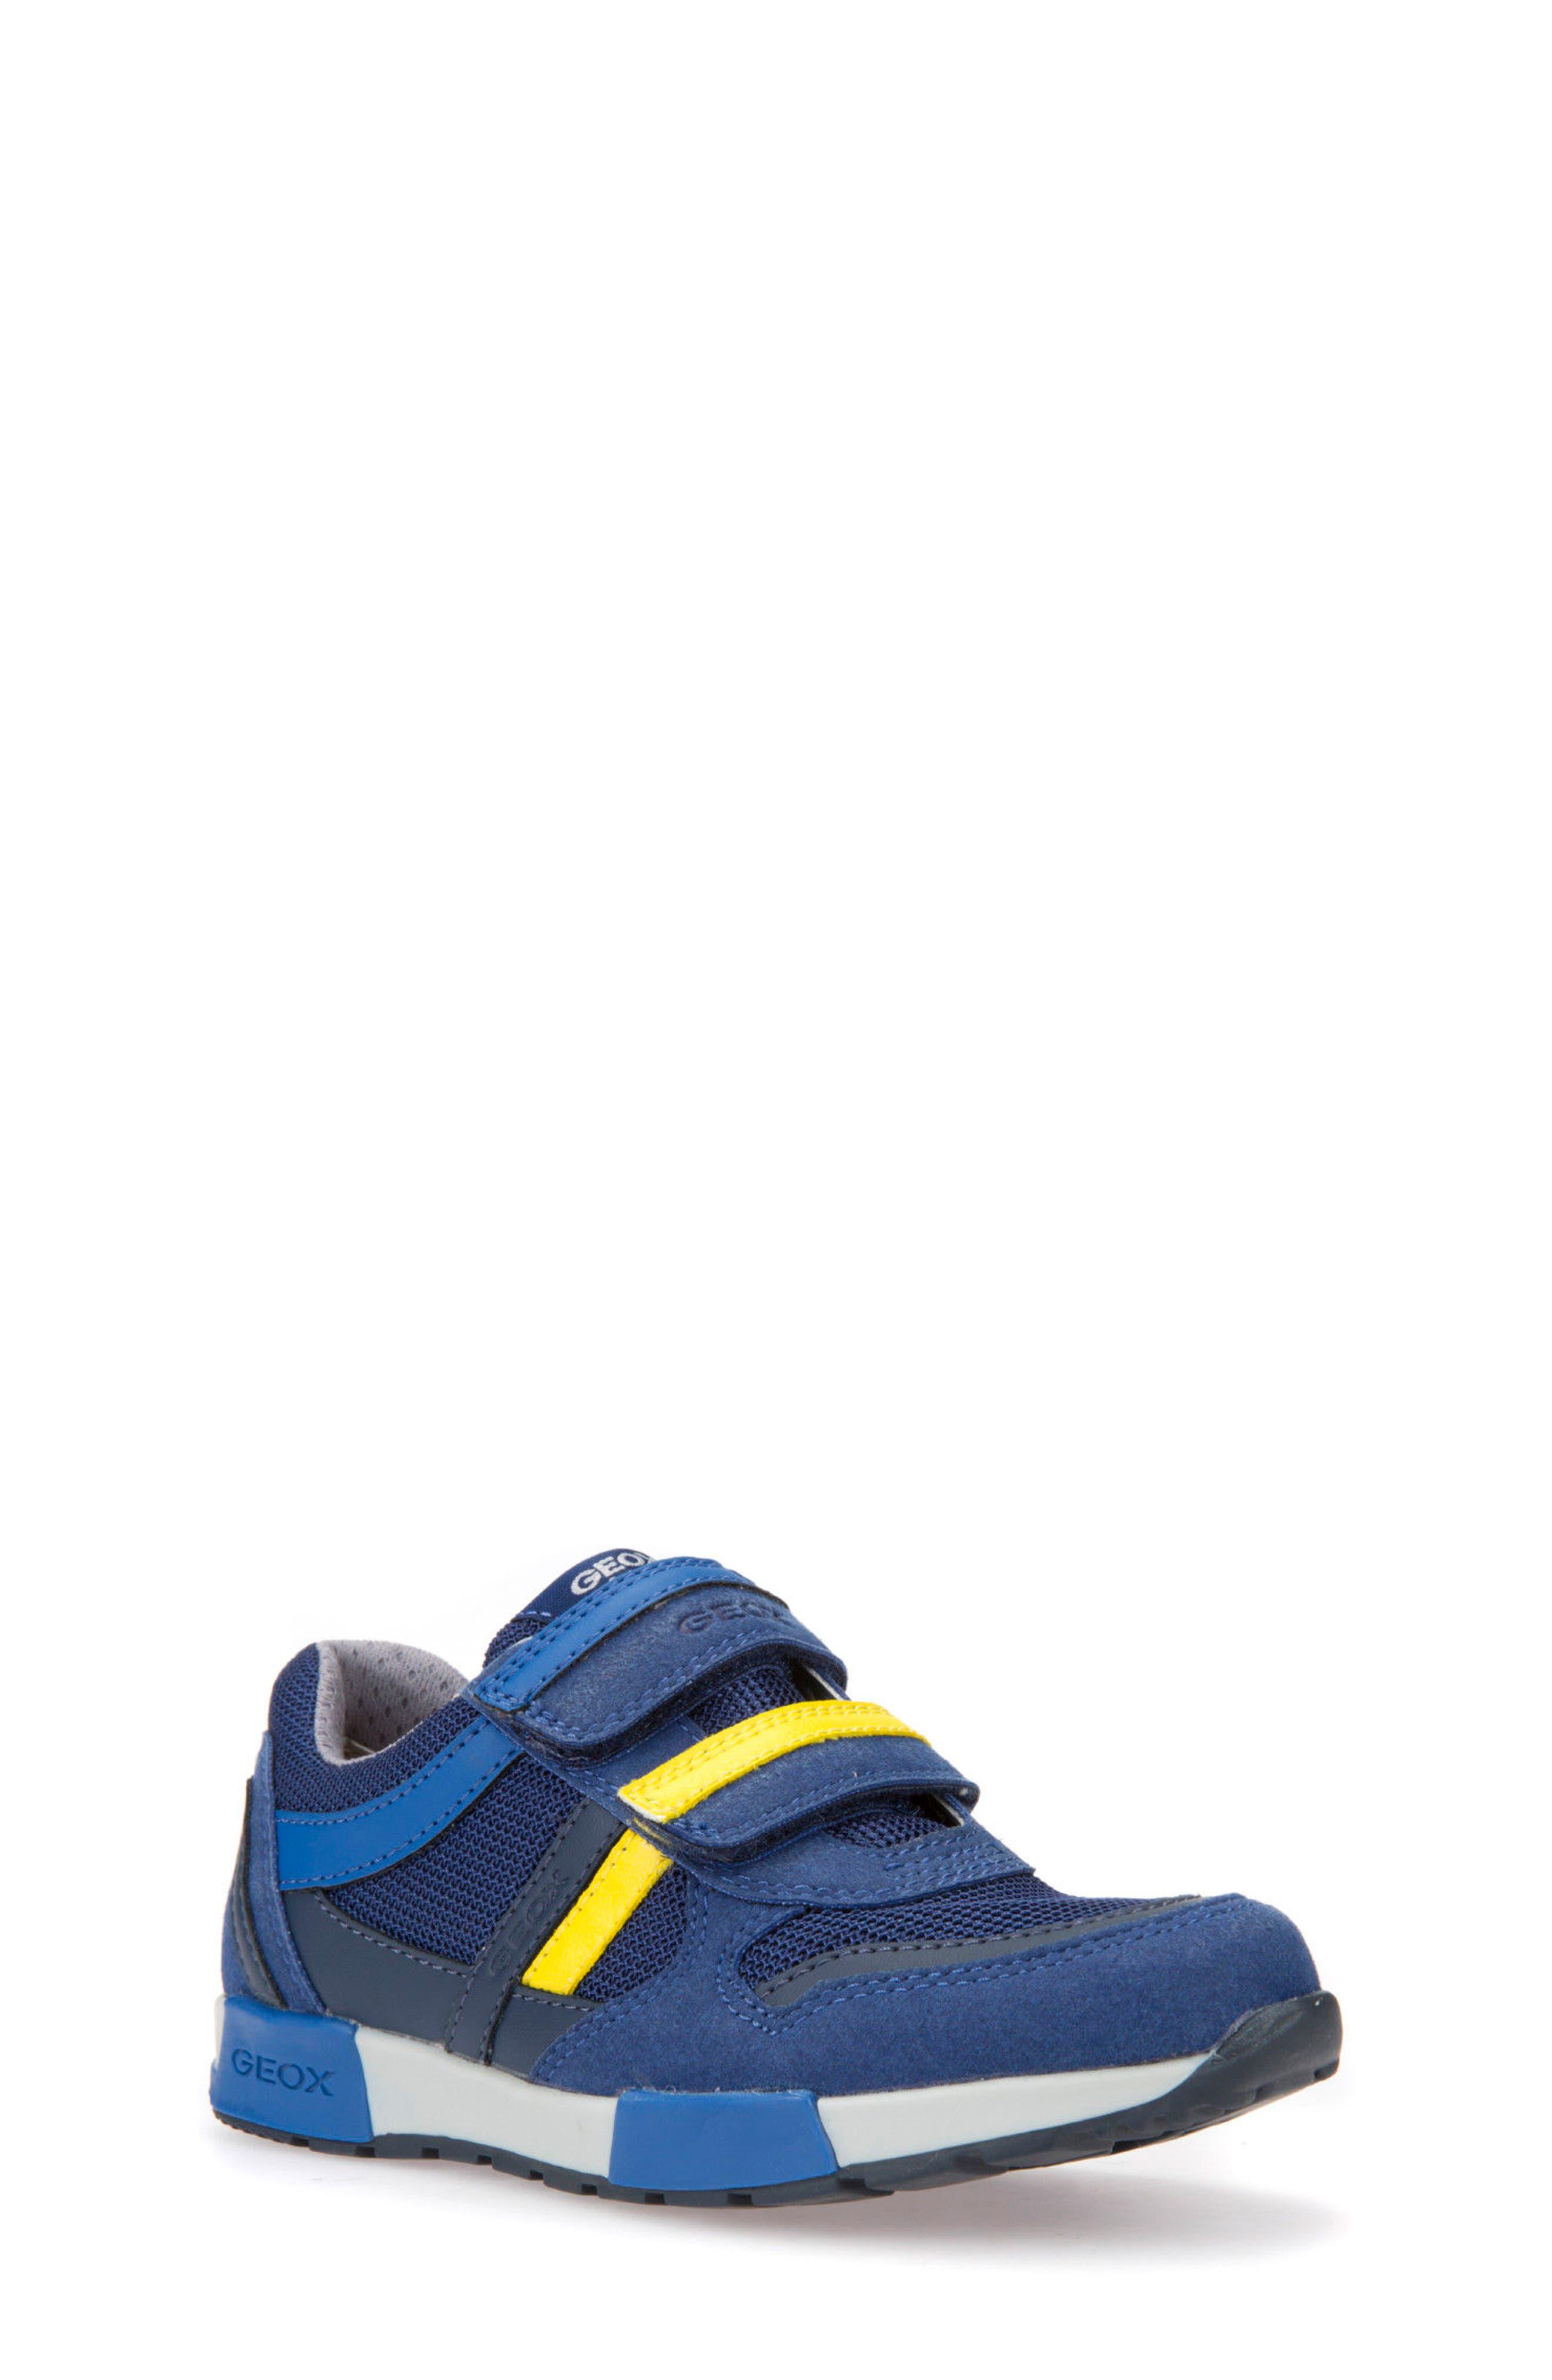 Alfier Stripe Low Top Sneaker,                         Main,                         color, Blue/ Yellow